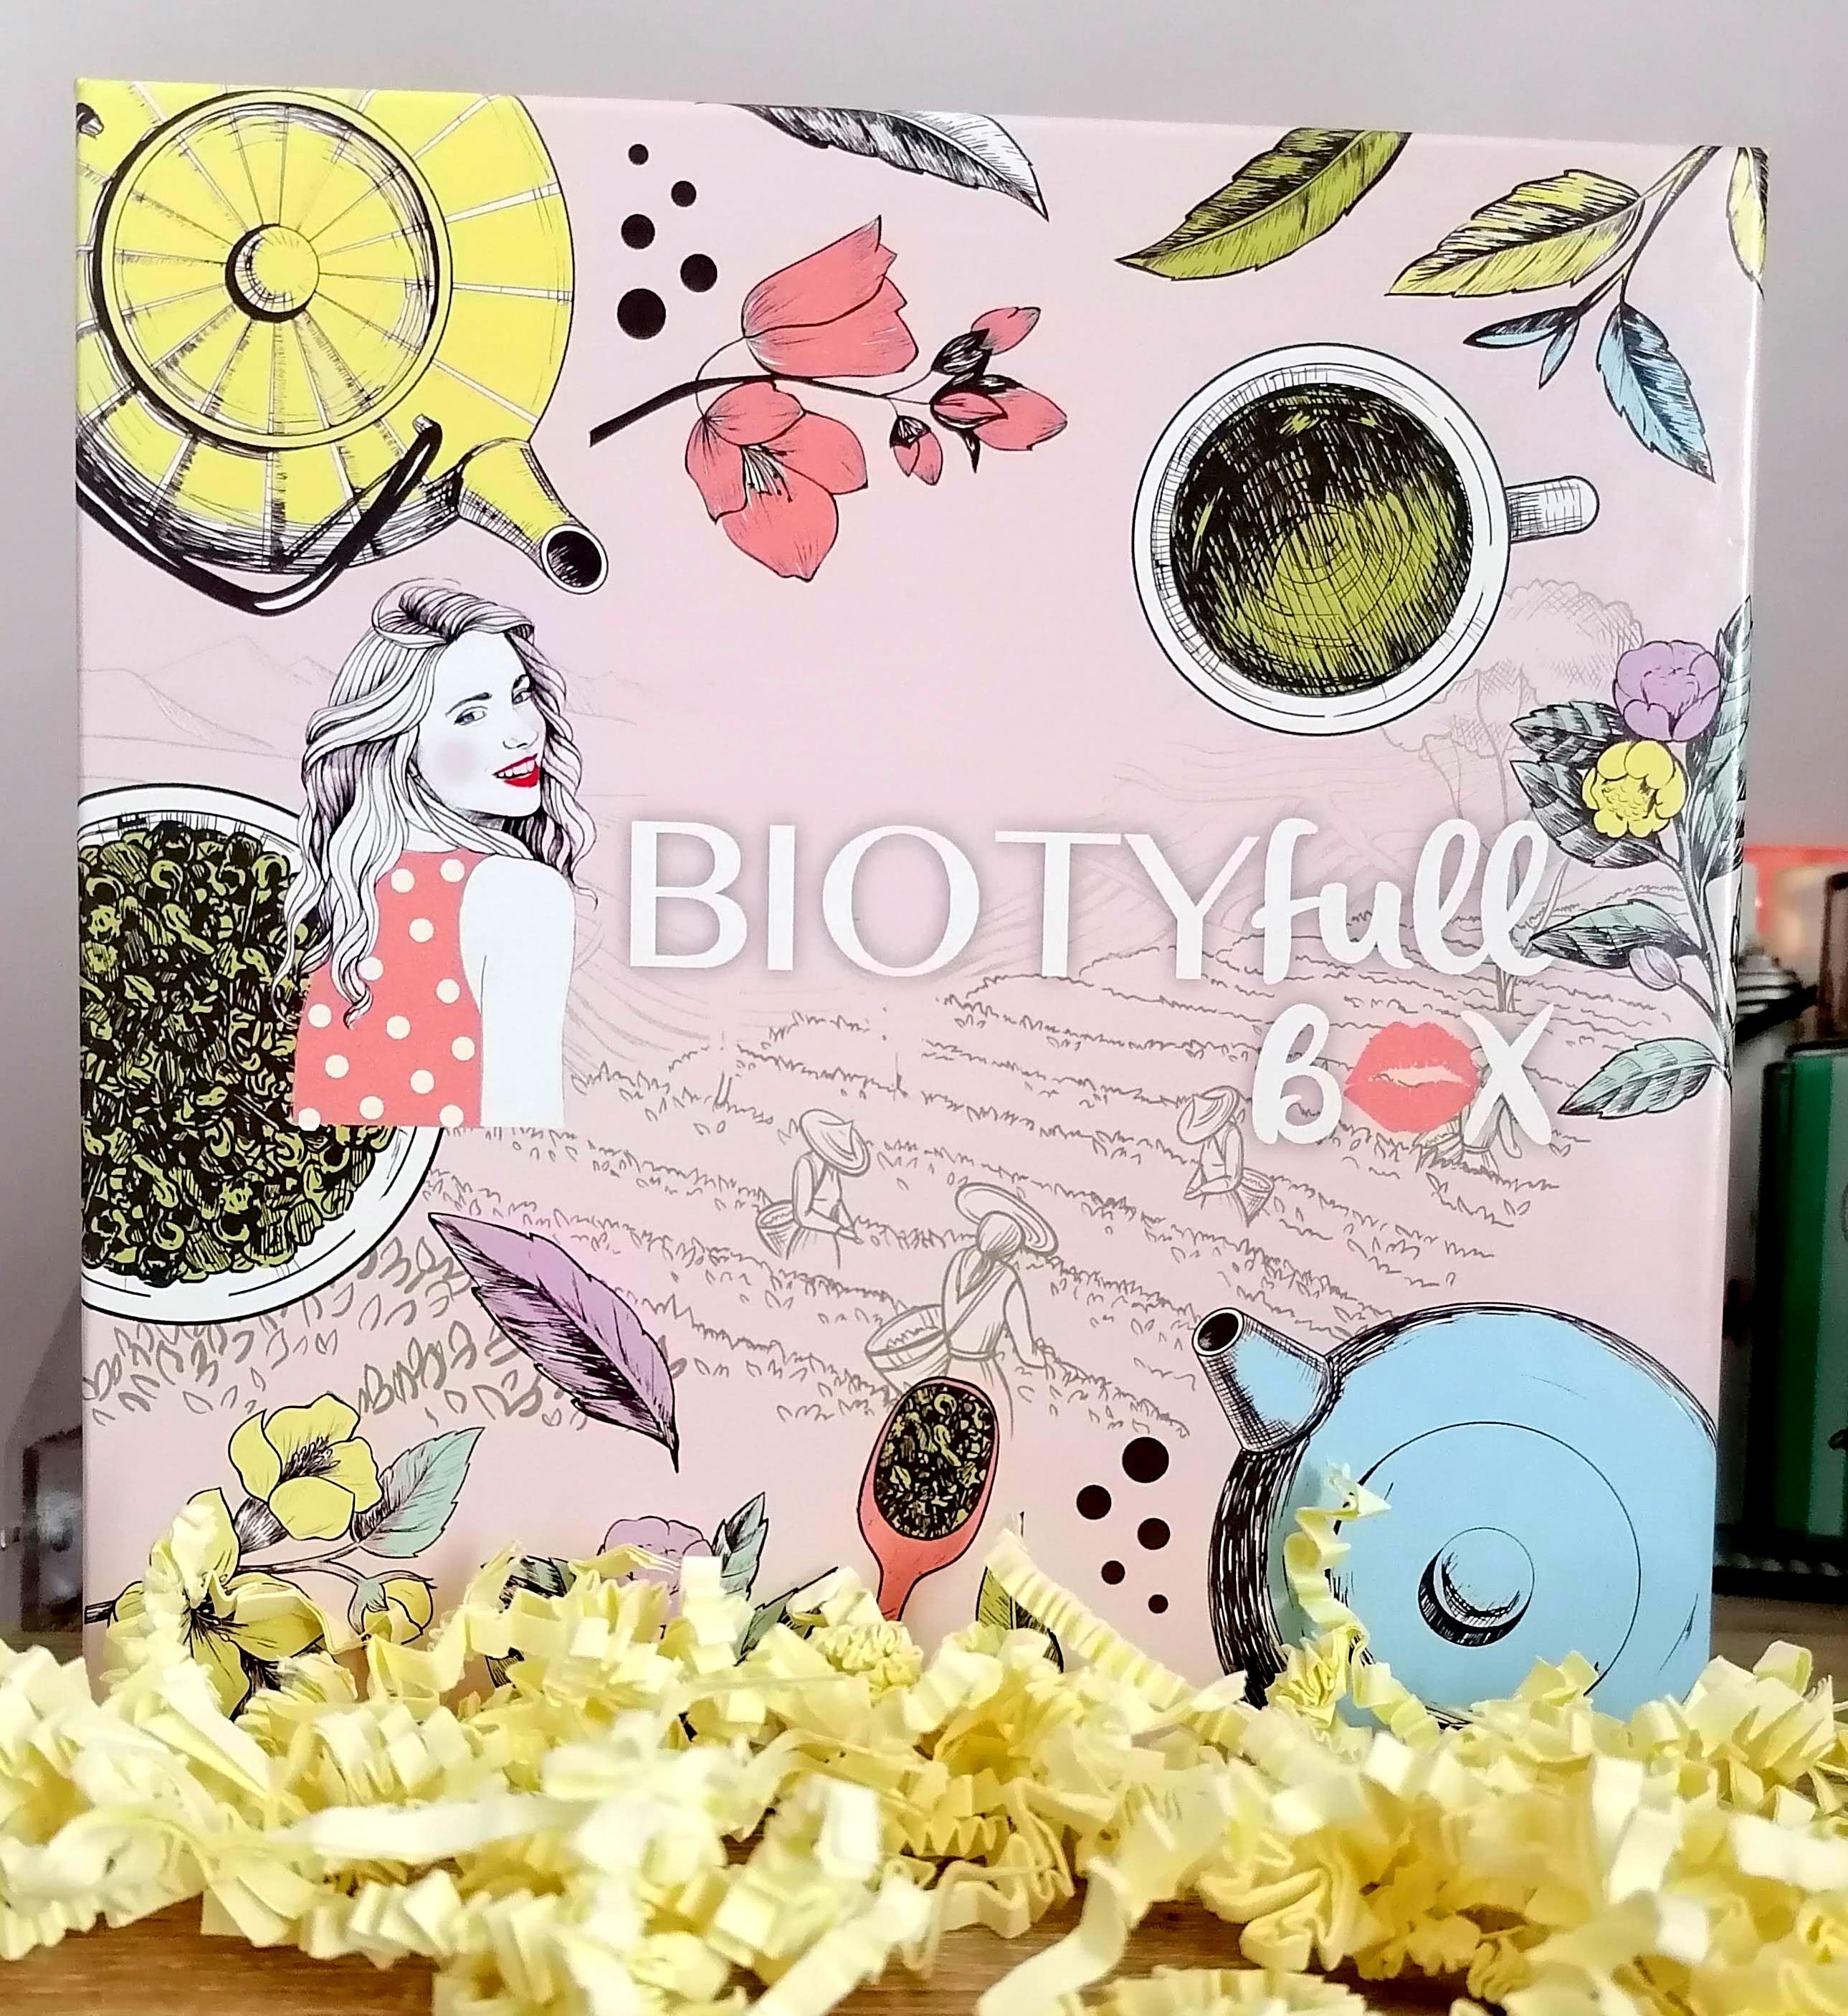 BIOTYFULL BOX Septembre 2020 : la 100% thé pour ses 5ans! 🎂